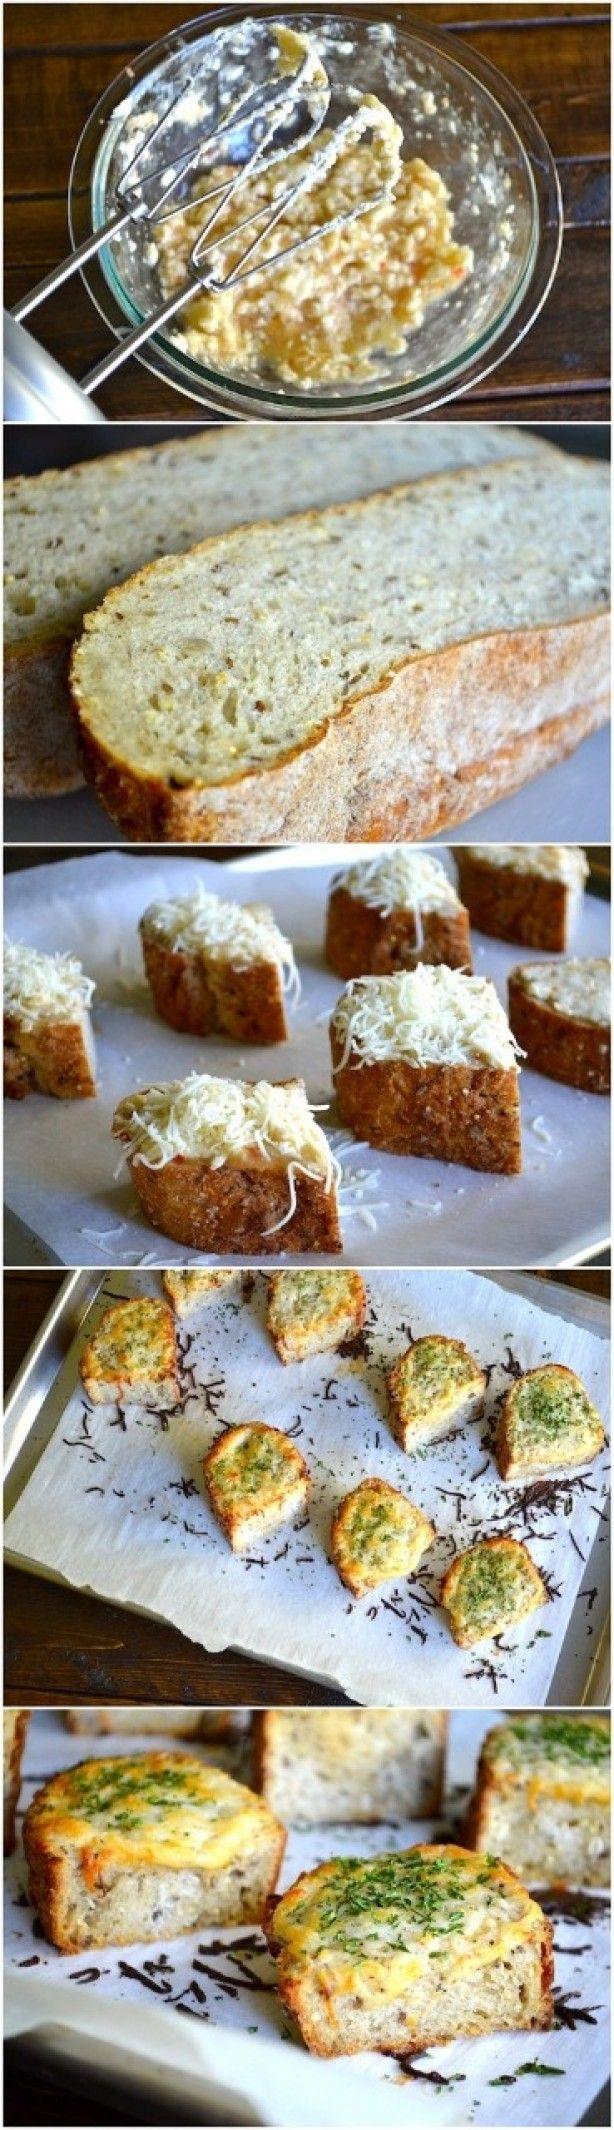 Brood met kaas en knoflook........Hummm lekker voor een feestje of lekker op zondag middag met vrienden of met mijn man!